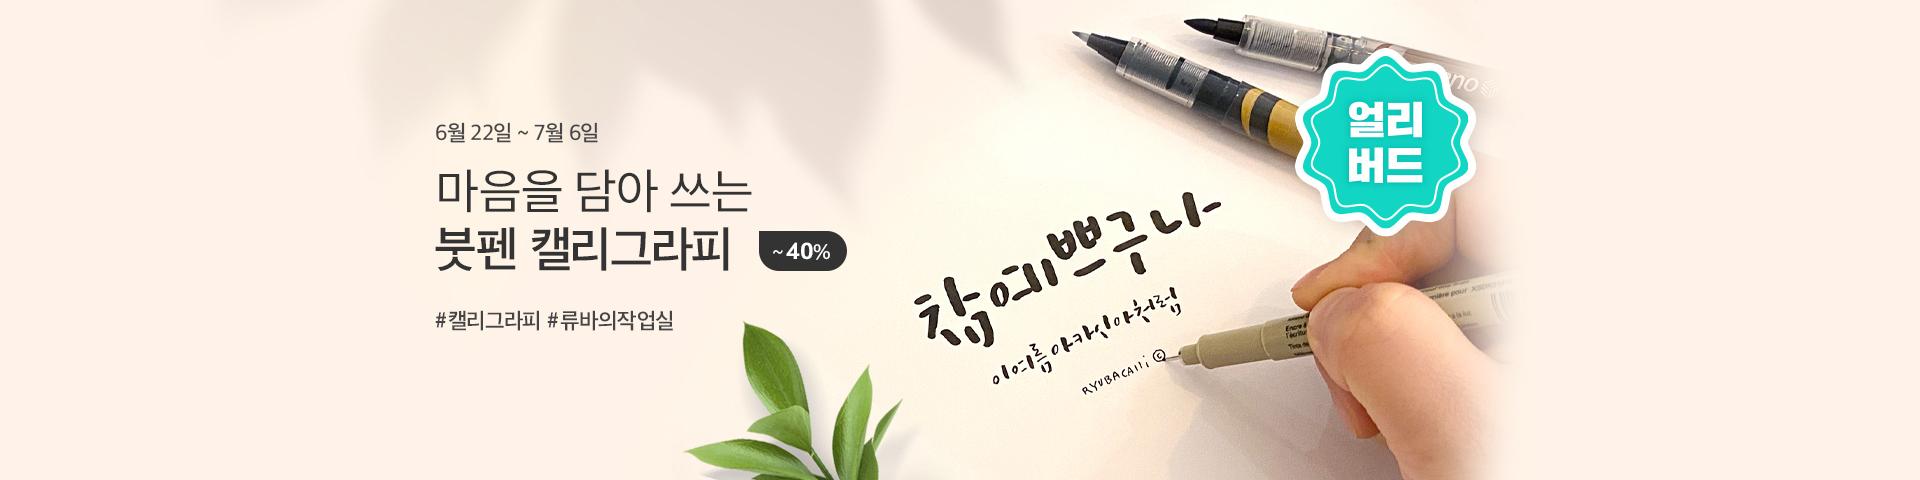 [얼리버드] 류바_붓펜캘리